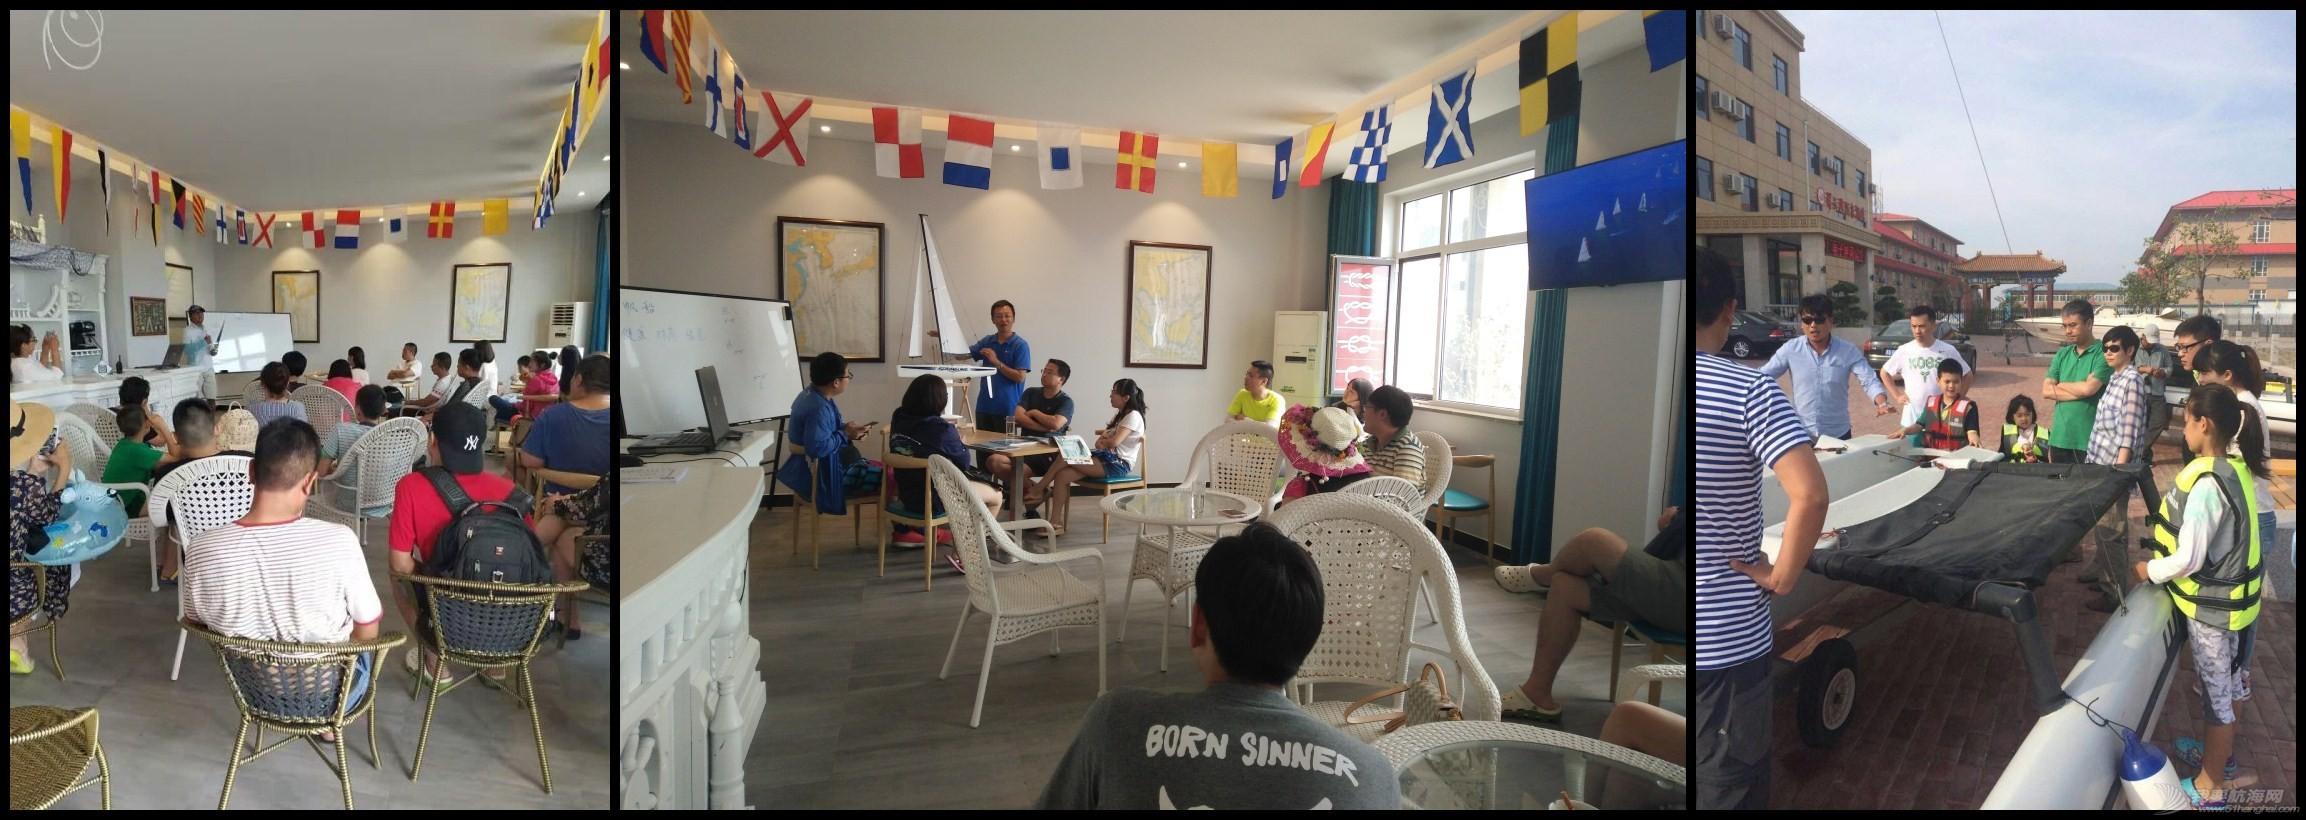 课外辅导班,高尔夫,体育运动,帆船运动,俱乐部 唐山百伦斯帆船帆板俱乐部舵手计划 initpin.jpg